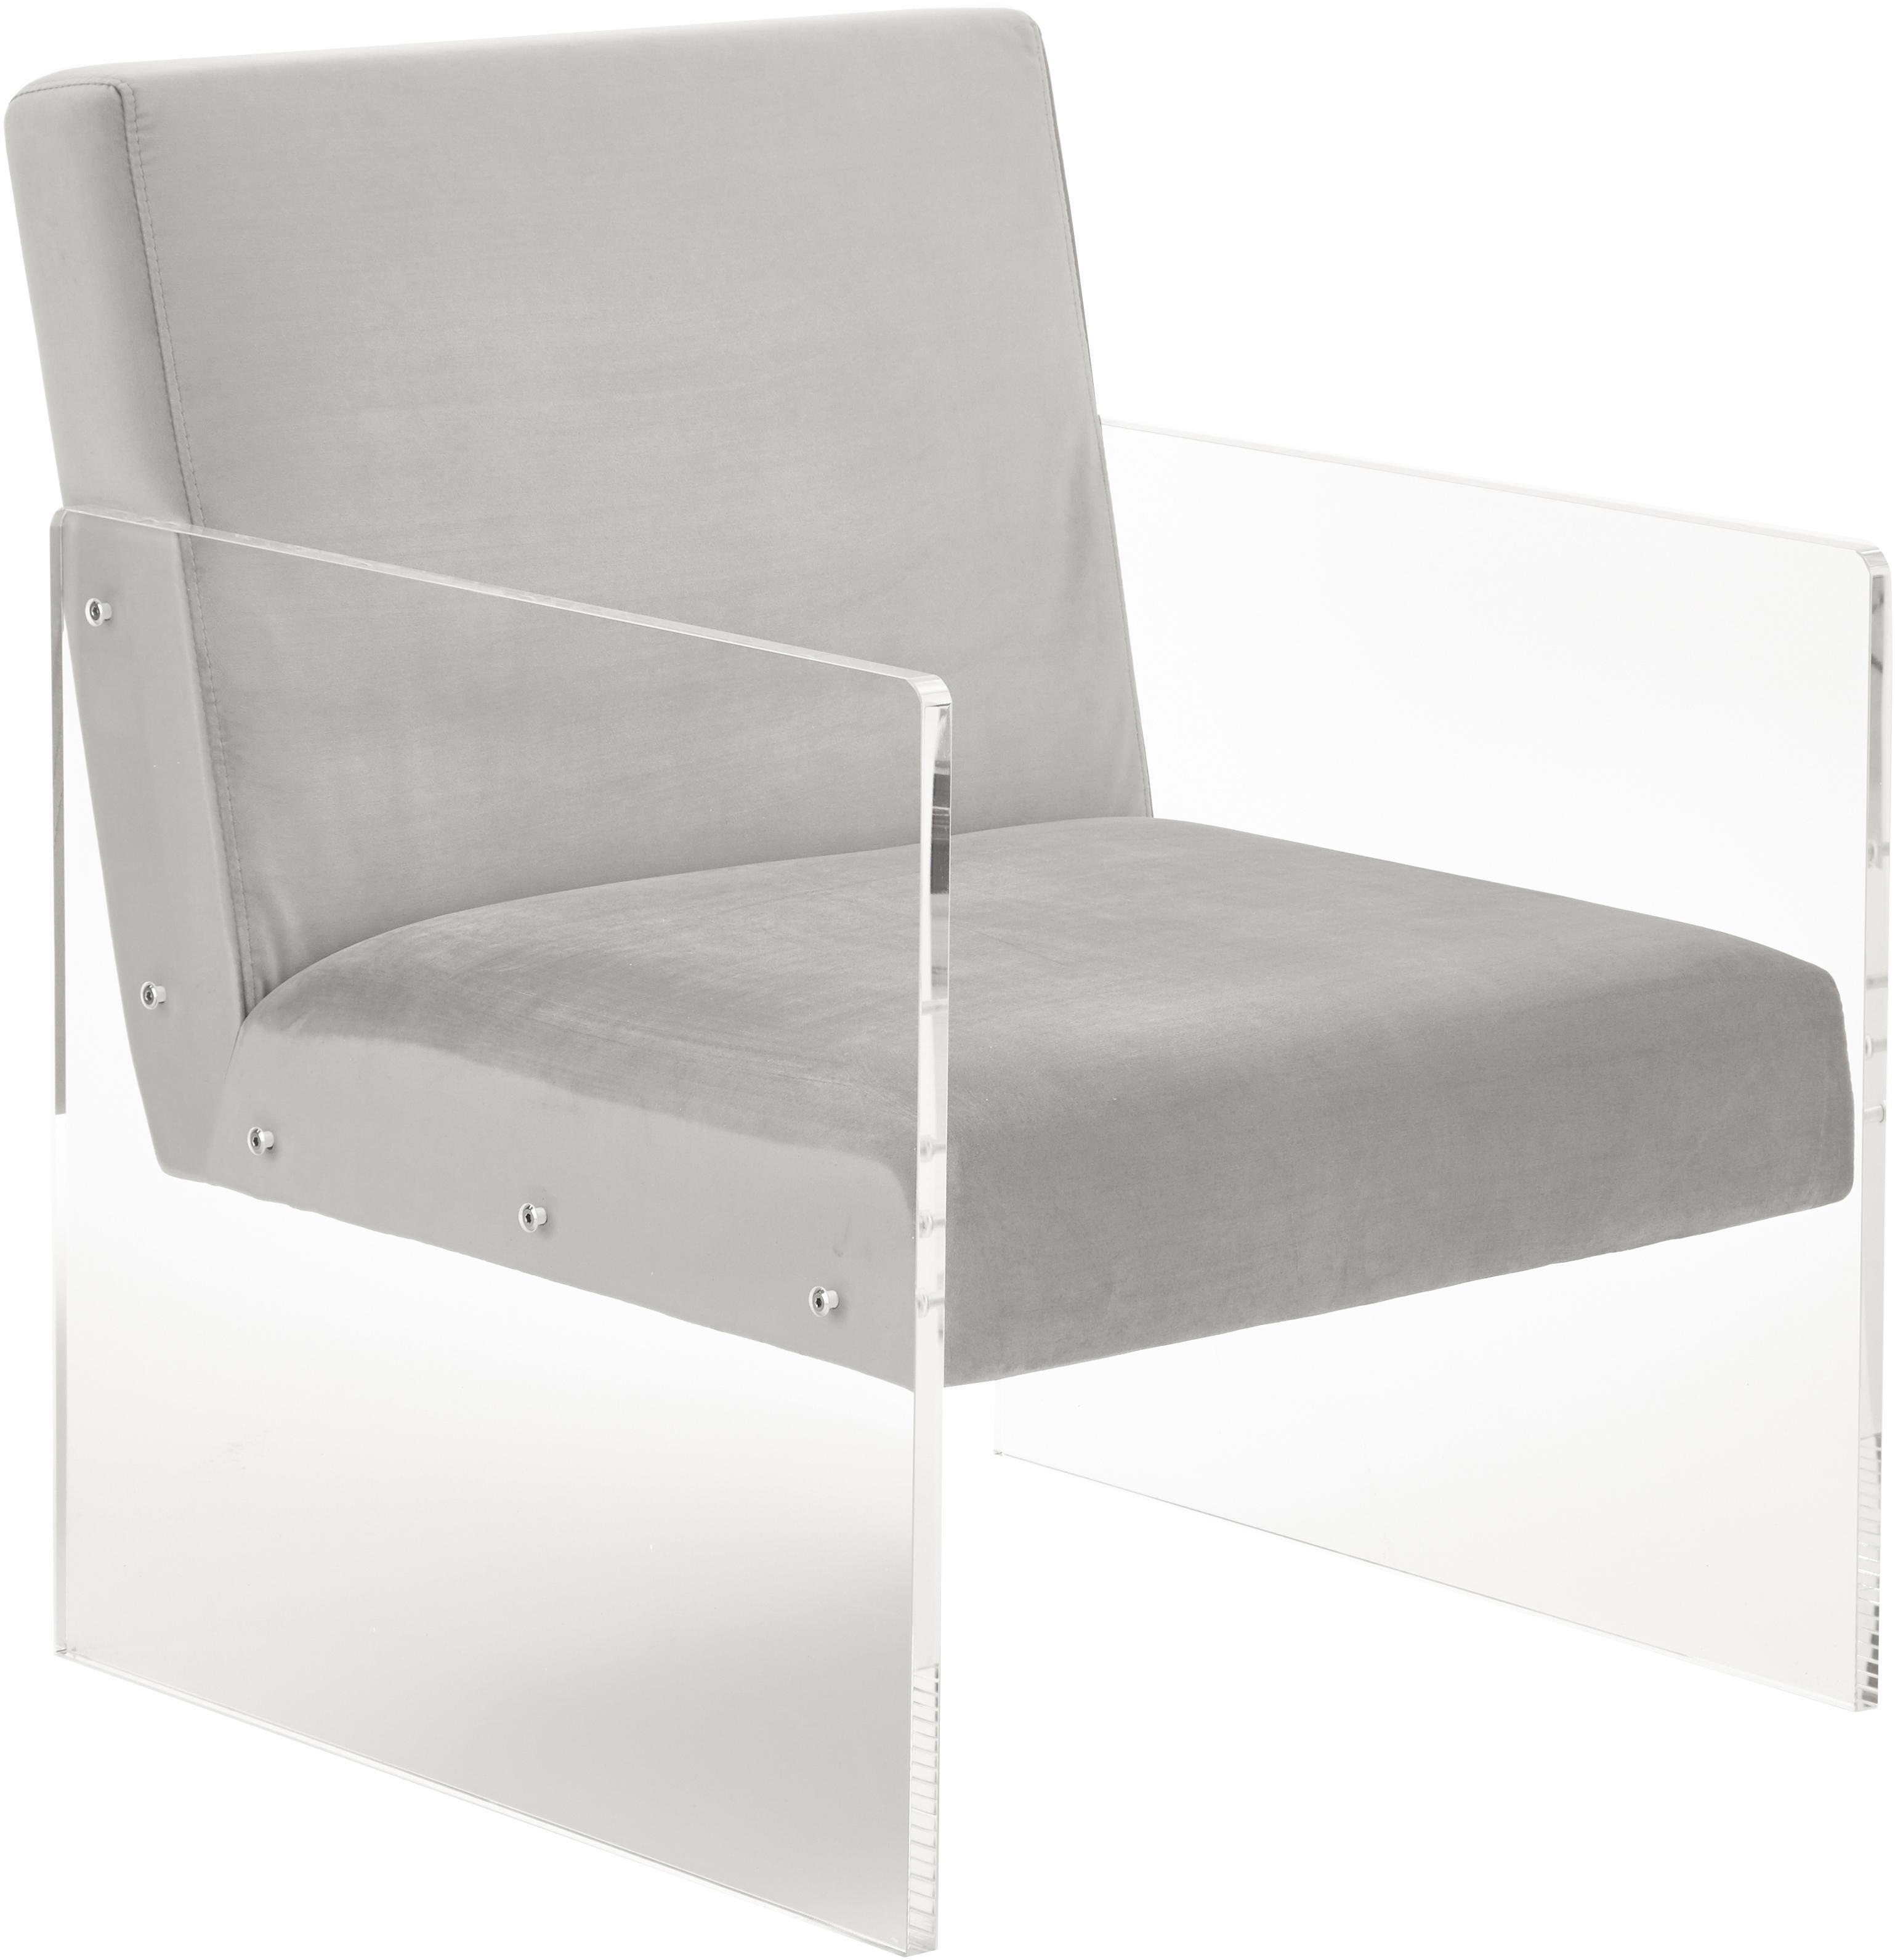 Sillón de terciopelo Ayden, Tapizado: terciopelo (poliéster) Re, Patas: vidrio acrílico, Terciopelo gris claro, An 69 x F 74 cm